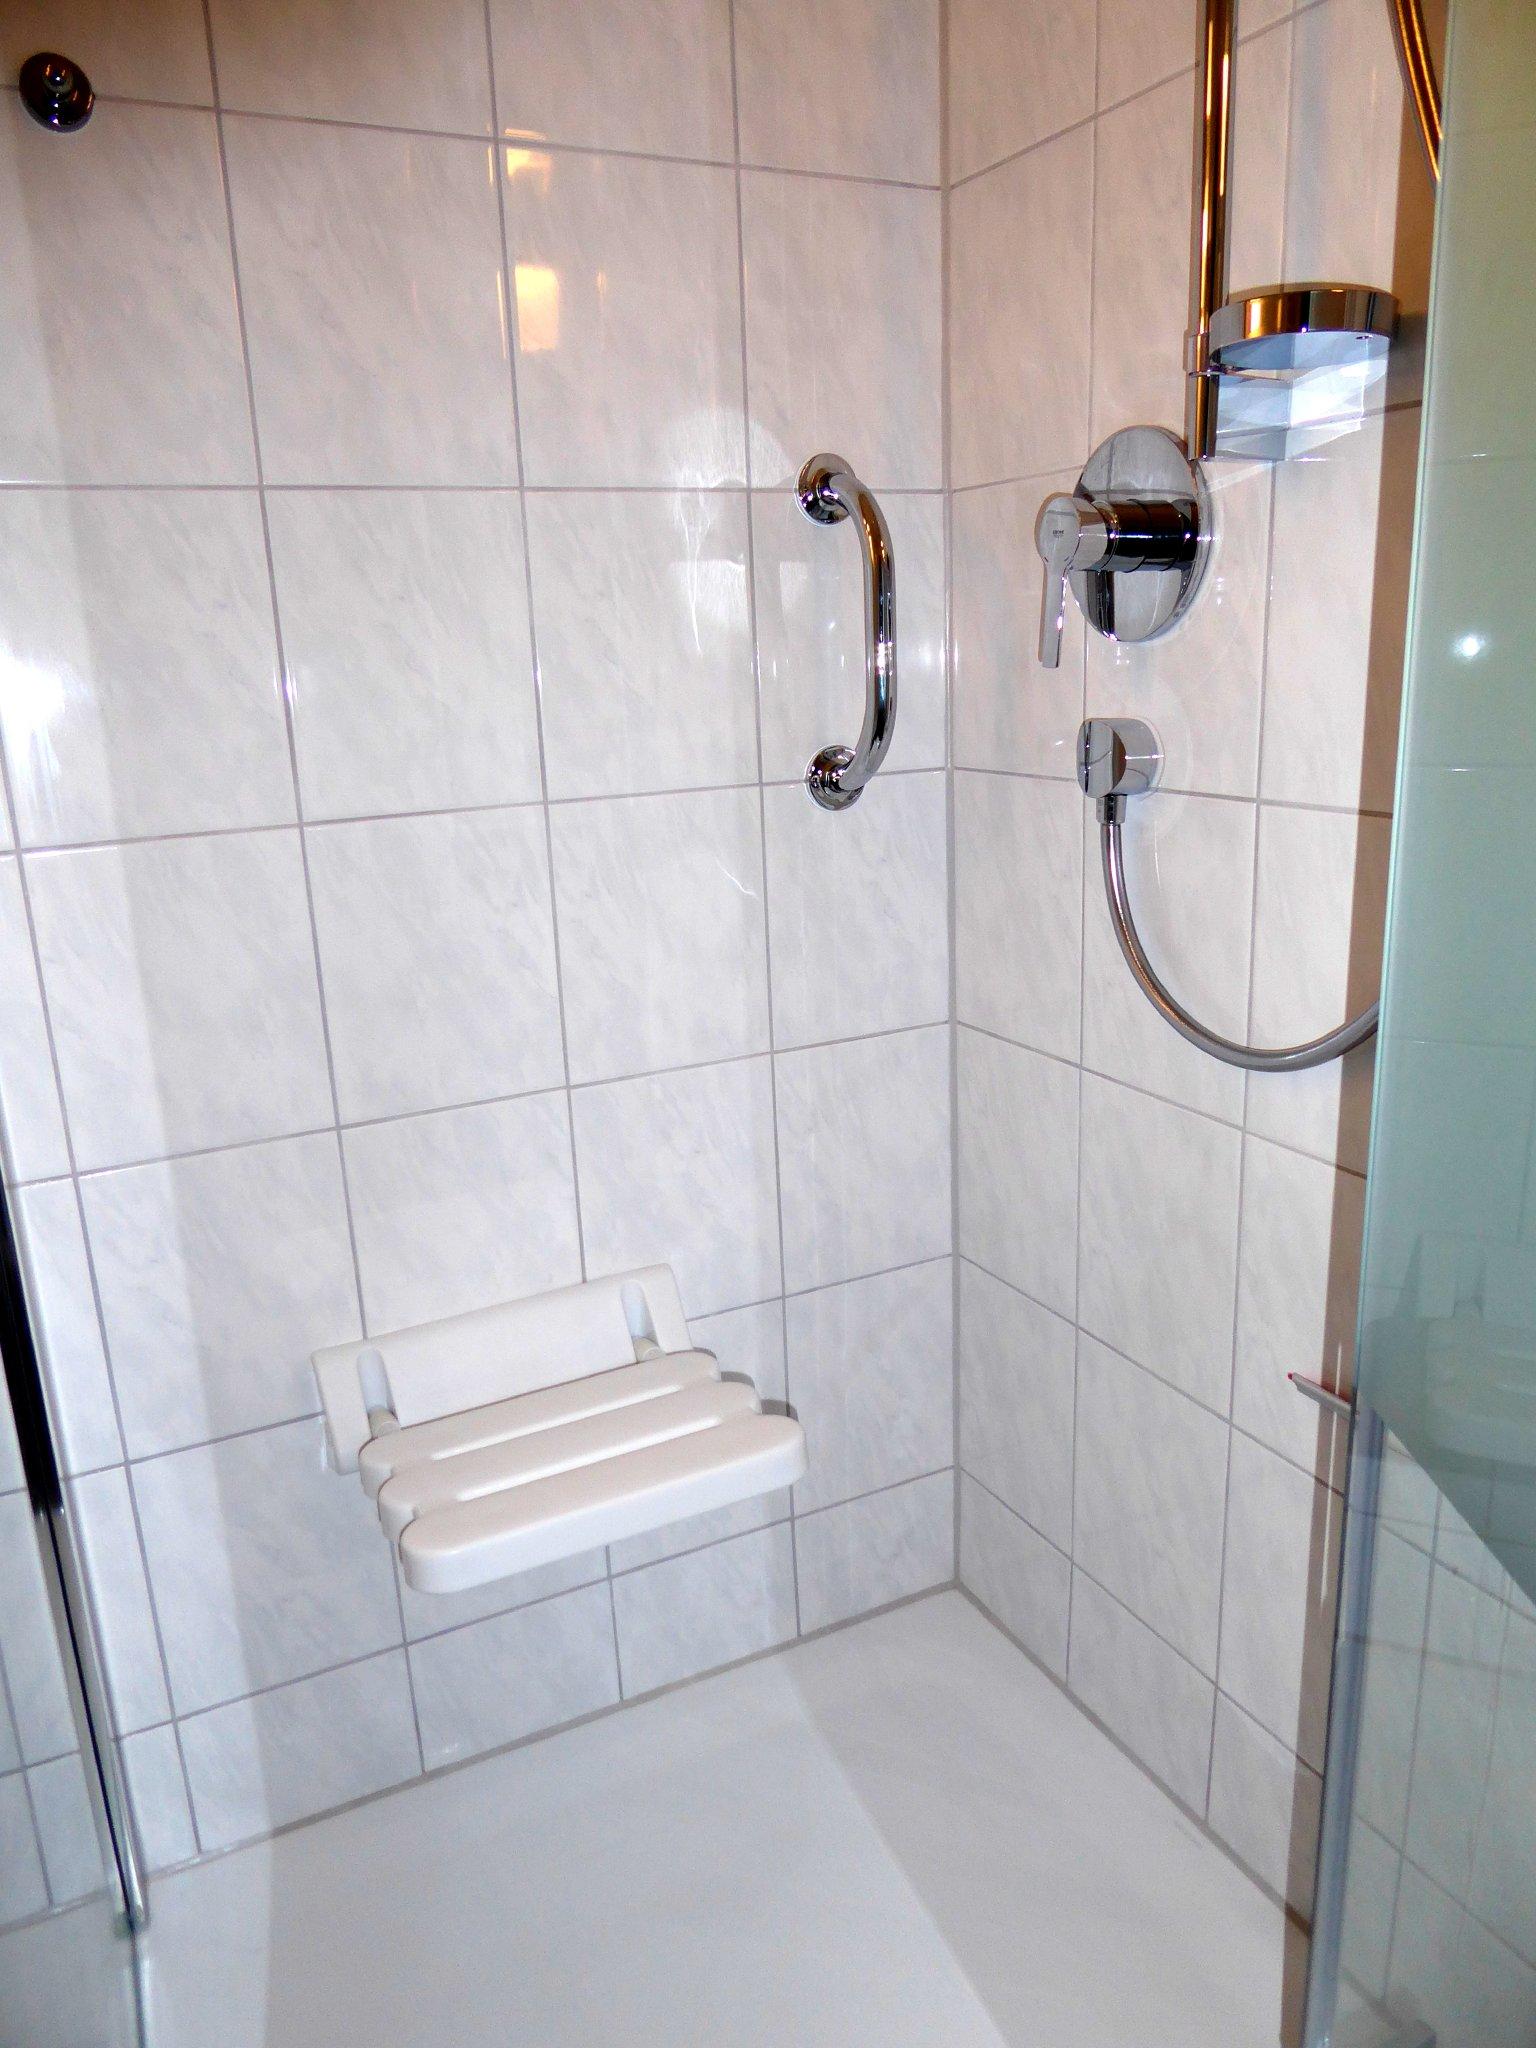 Duschkabine im Bad